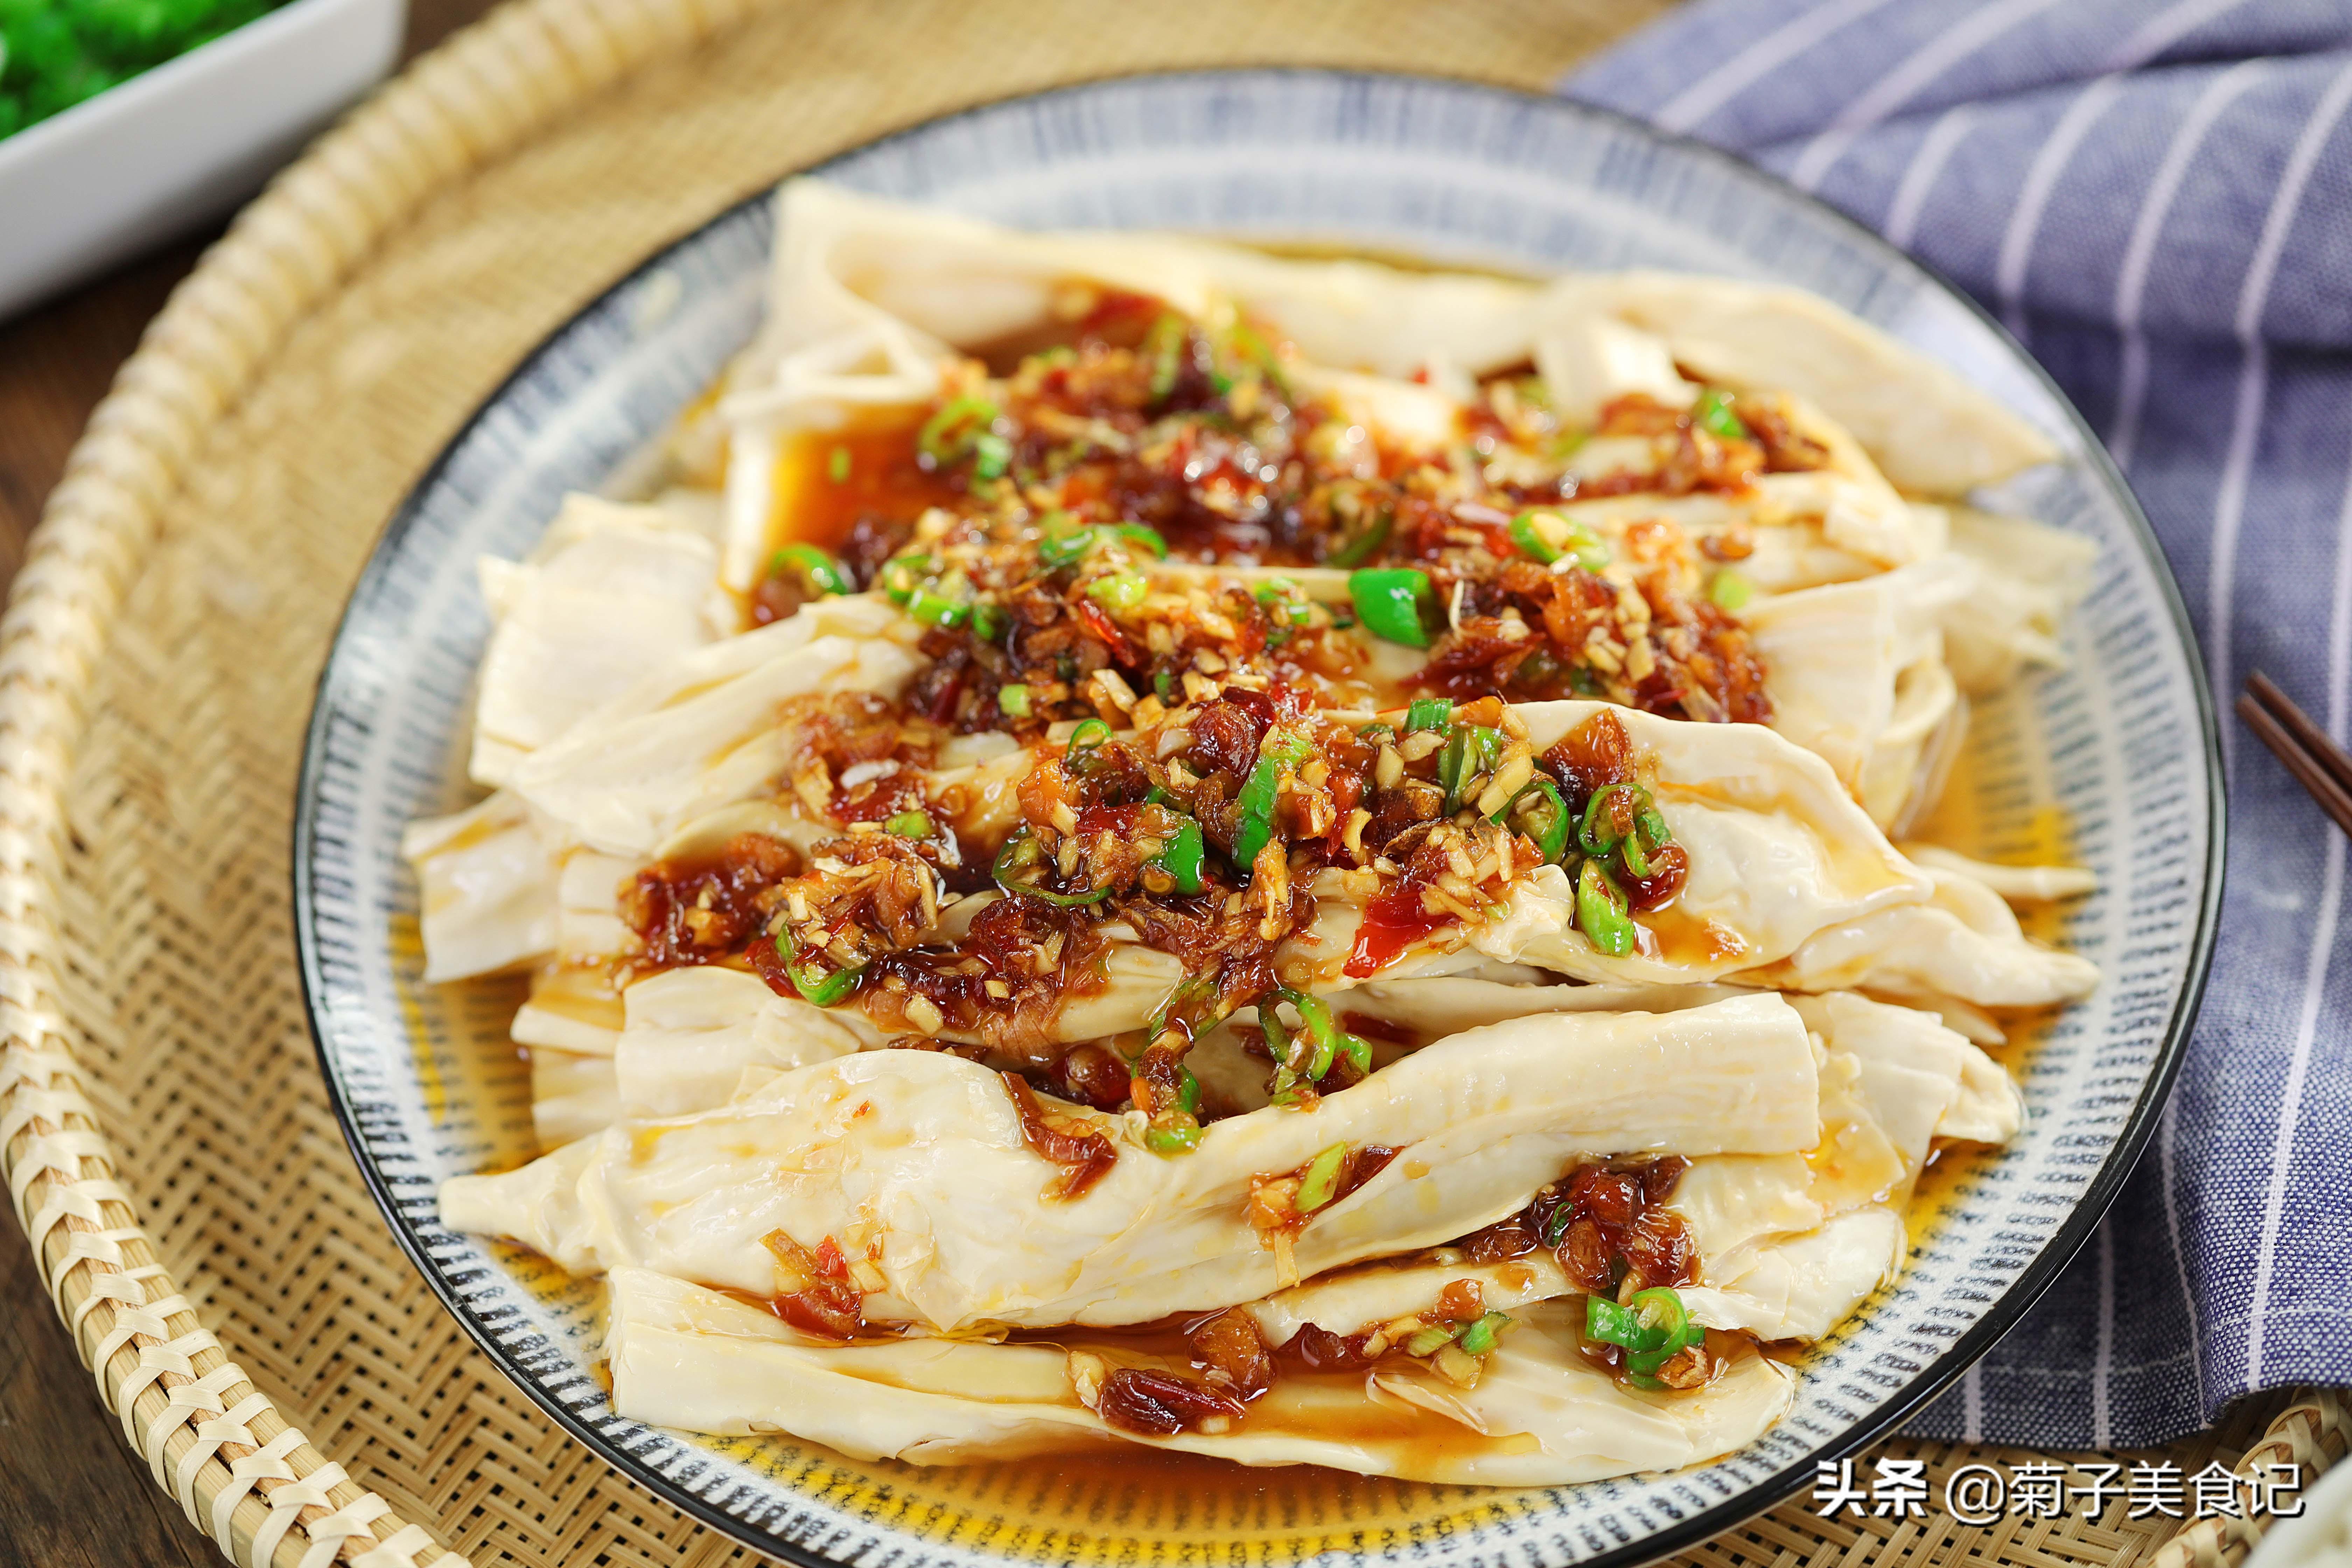 2020年夜饭来了,这12道粤菜,步骤详细,色香味俱全,值得收藏 粤菜菜谱 第11张